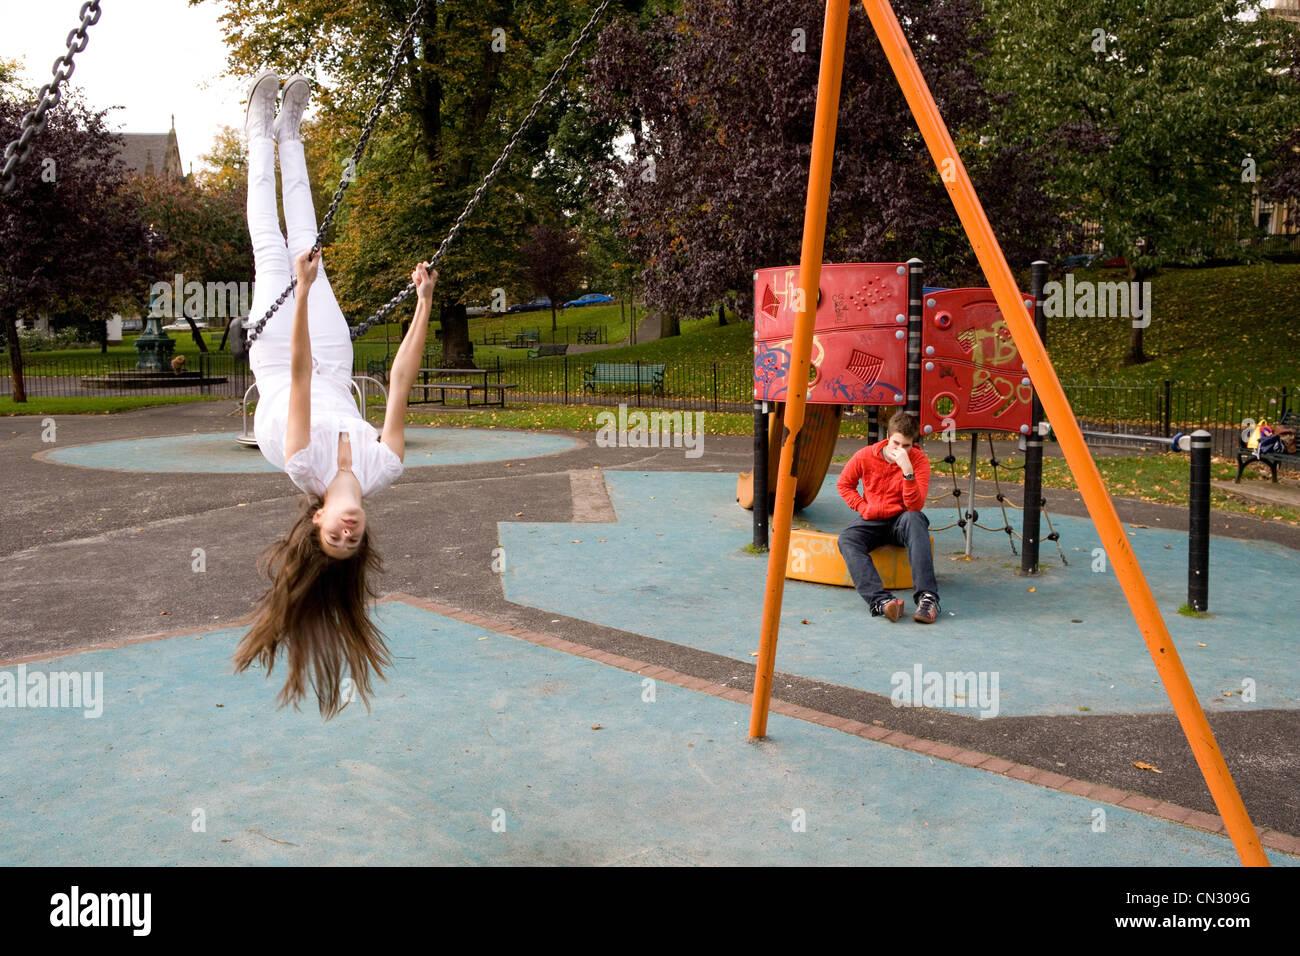 Ragazza adolescente su altalena nel parco giochi, capovoltoFoto Stock